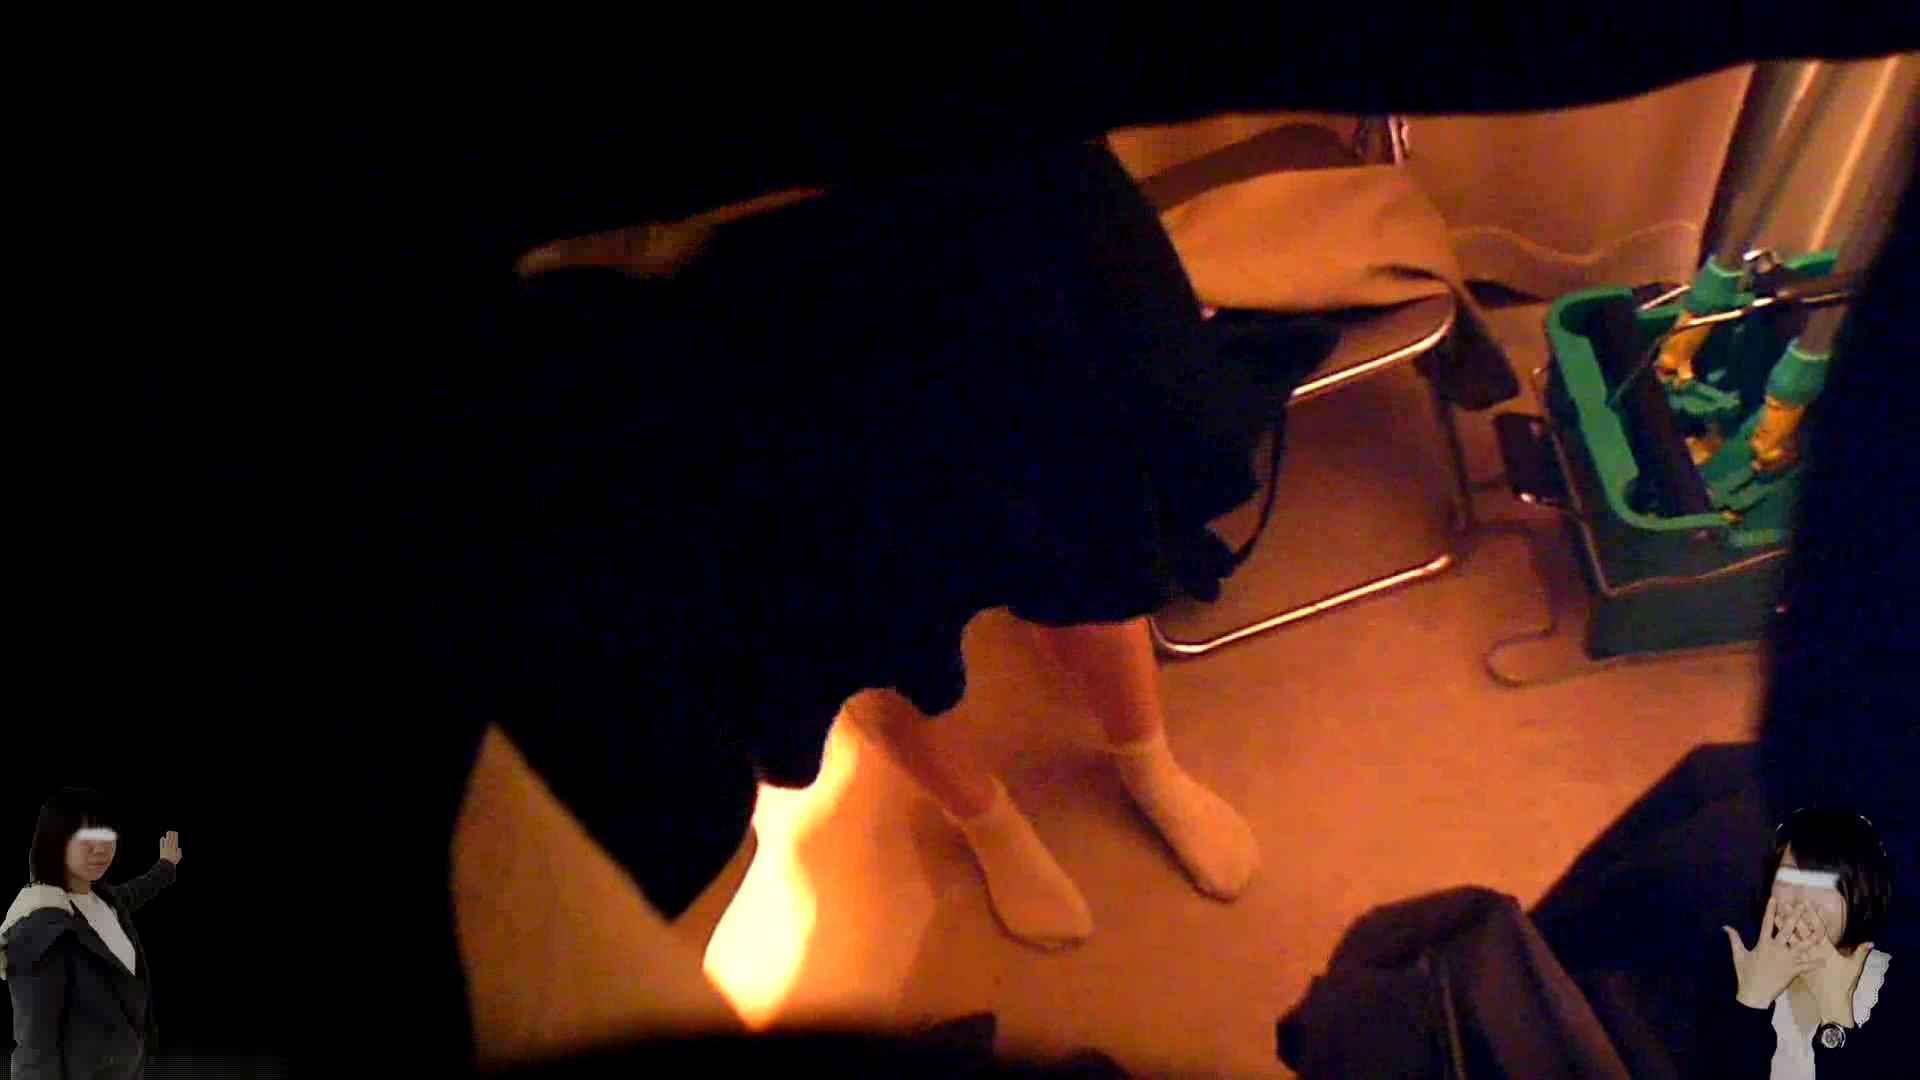 素人投稿 現役「JD」Eちゃんの着替え Vol.04 女子着替え | 投稿  65pic 47